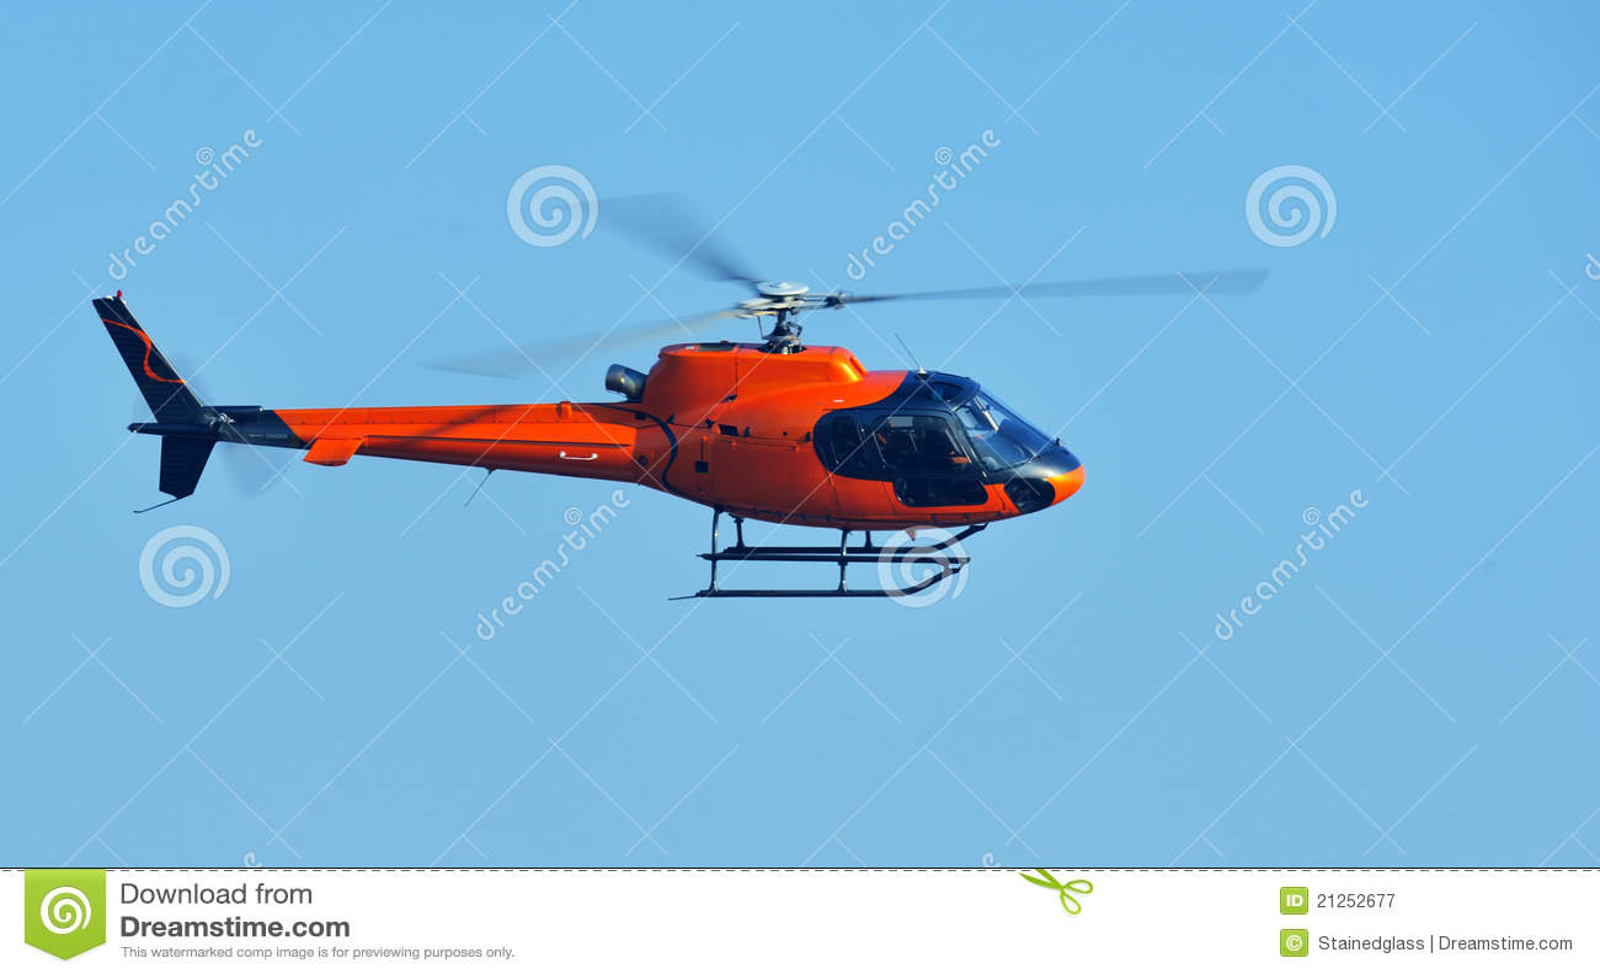 Helikopterorange